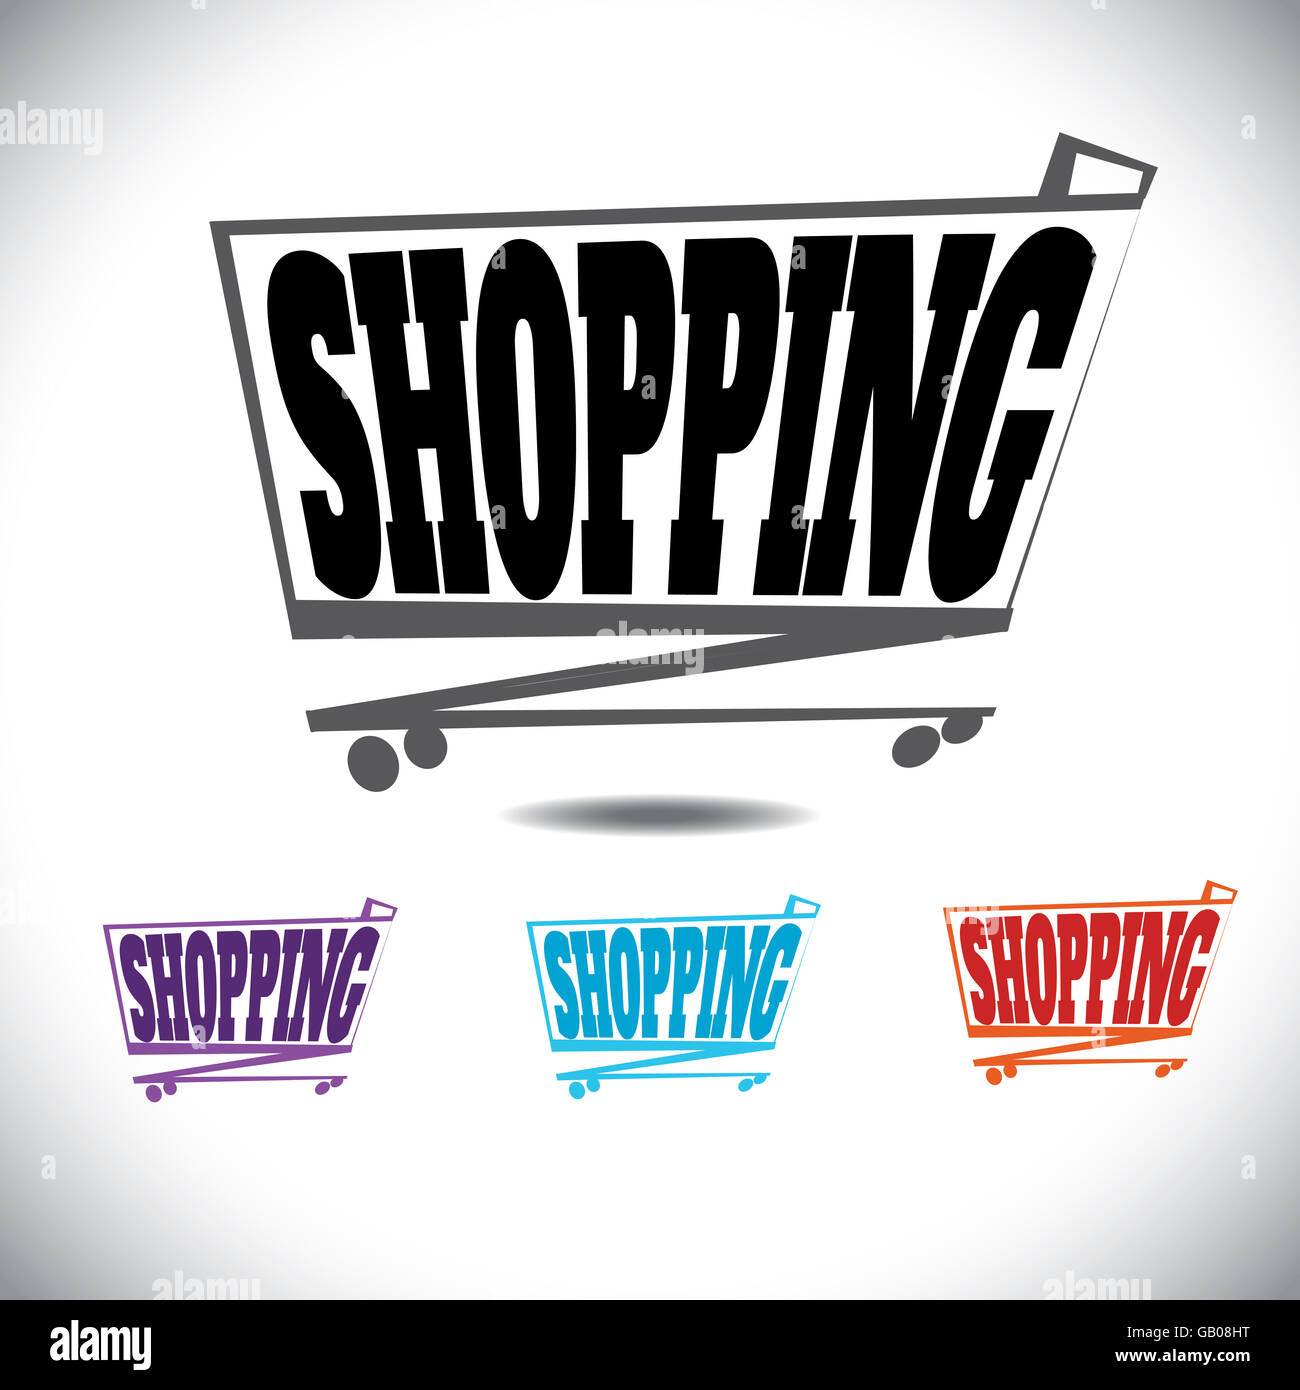 Kreative Shopping Trolley oder Warenkorb - Piktogramm Stockbild